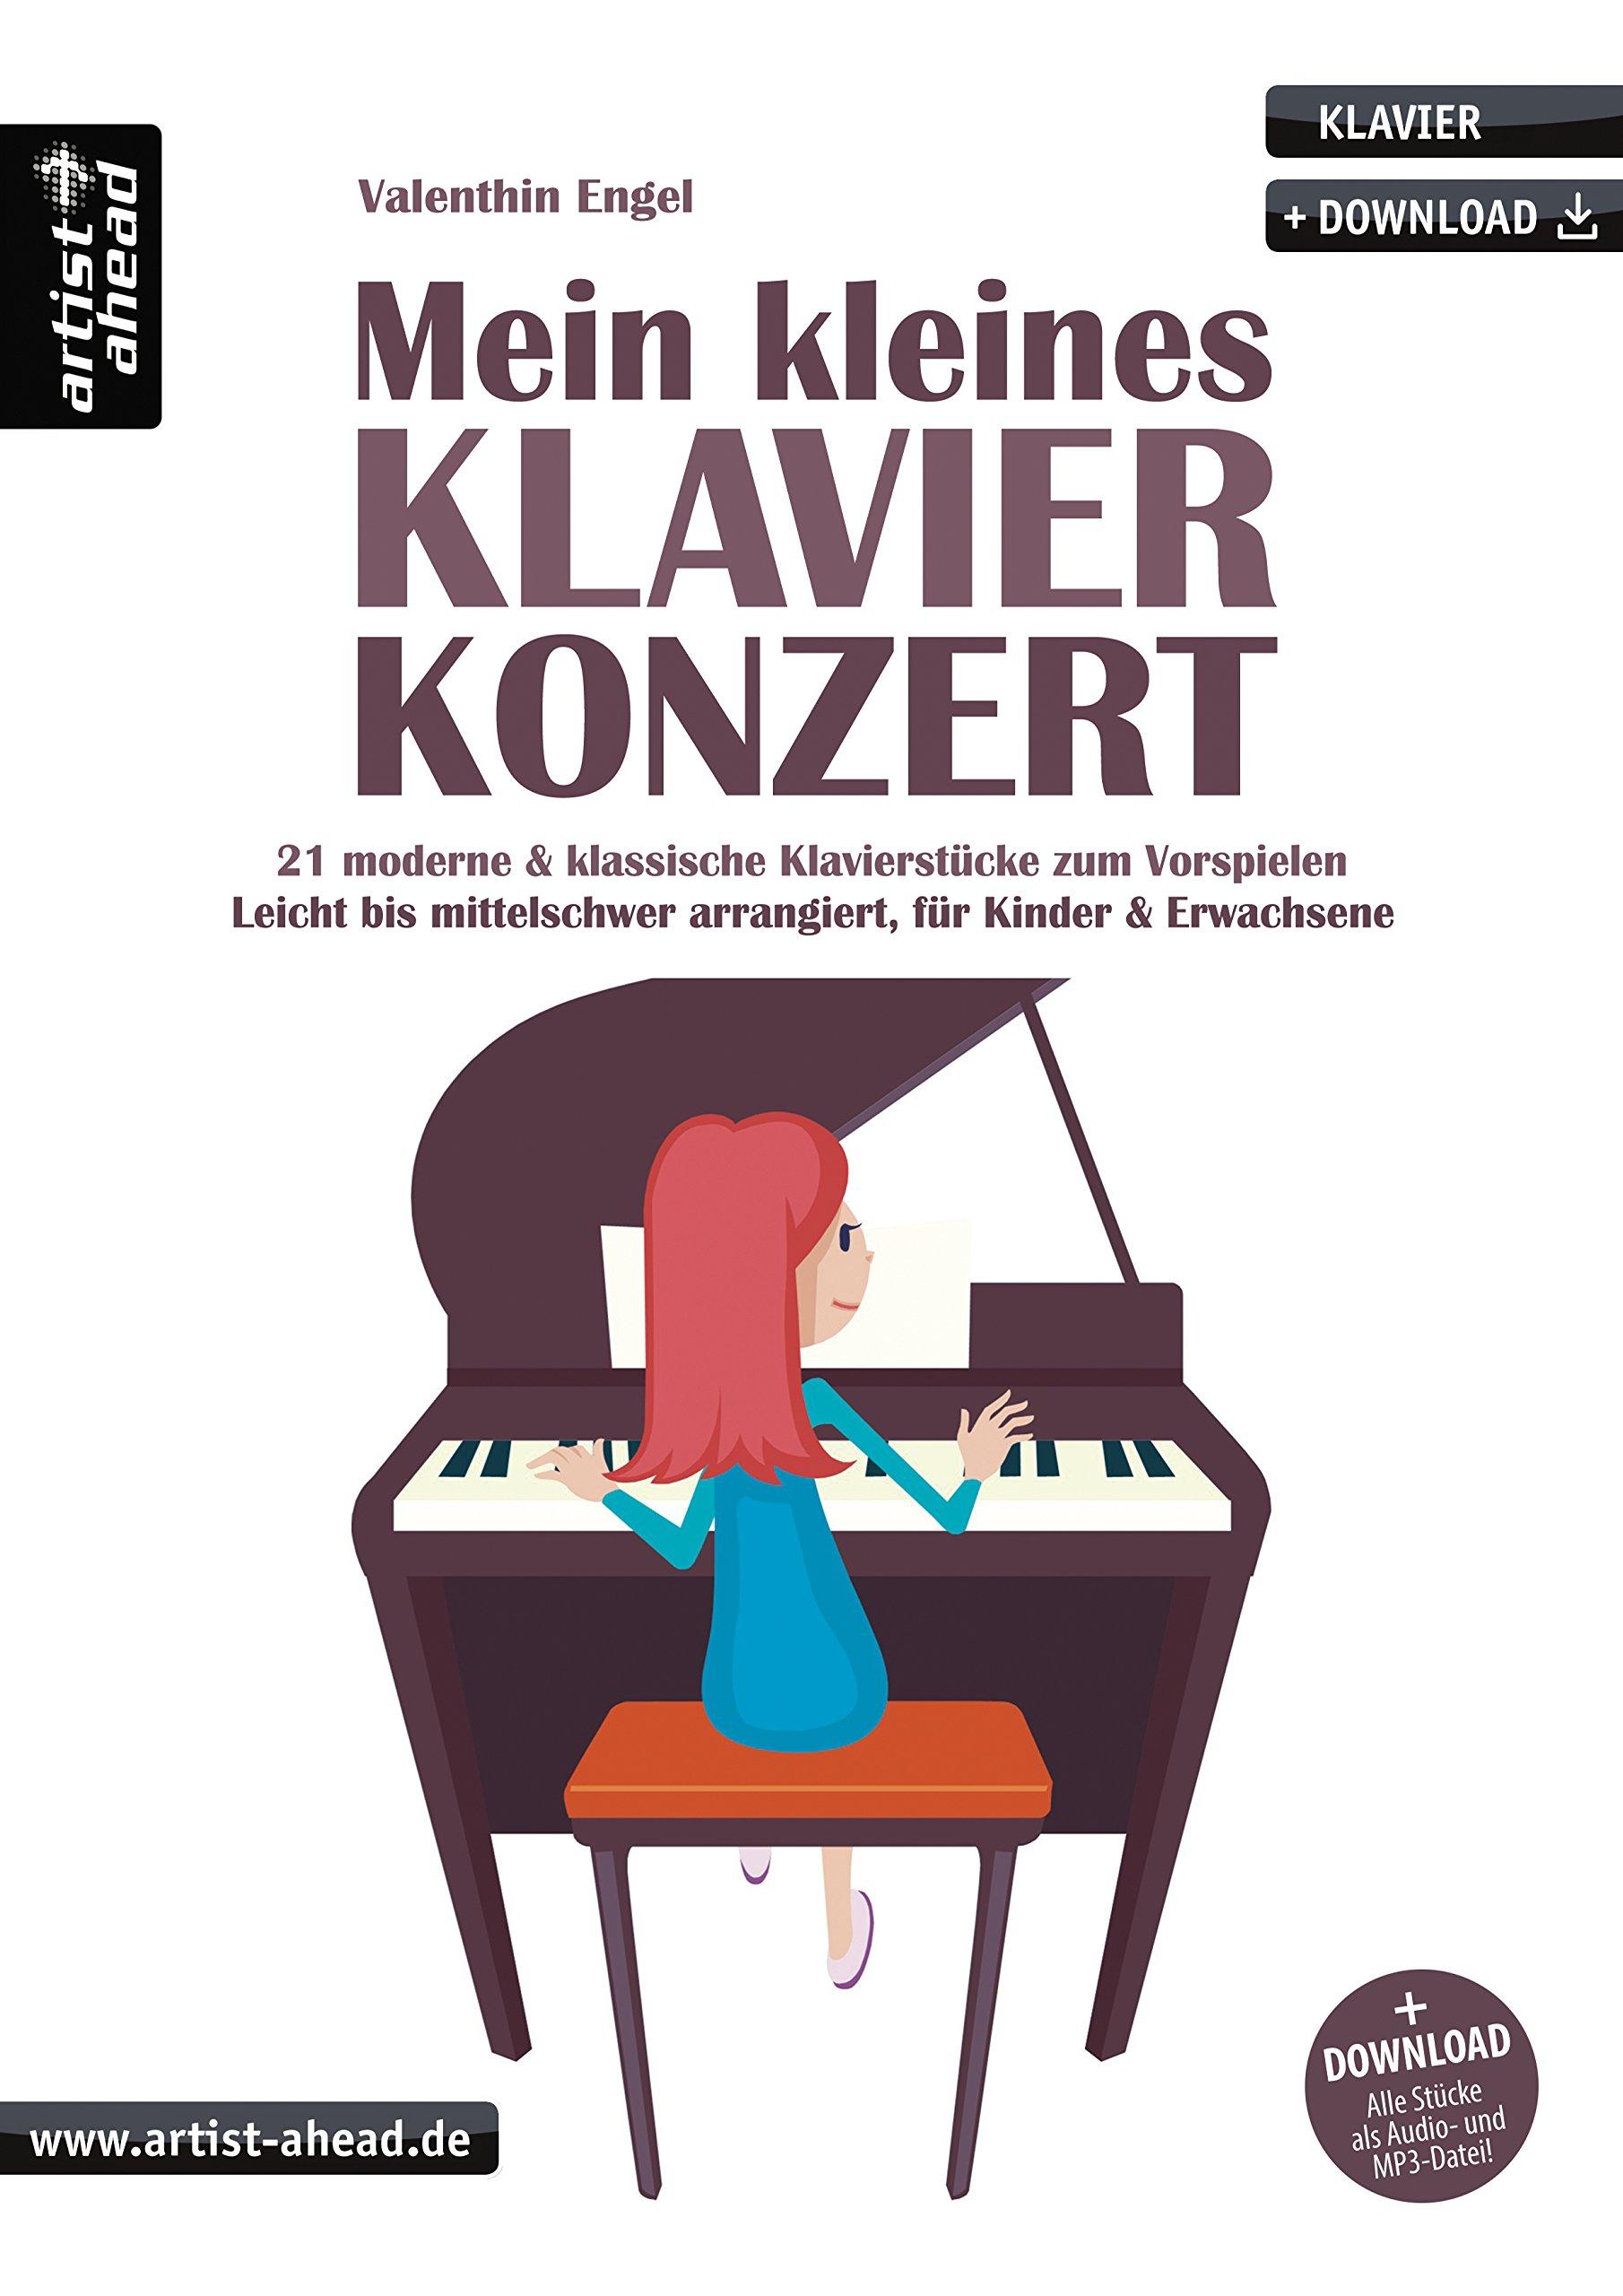 Mein kleines Klavierkonzert: 21 moderne & klassische Klavierstücke zum Vorspielen, leicht bis mittelschwer, für Kinder & Erwachsene (inkl. Download). ... für Piano. Liederbuch. Songbook. Musiknoten